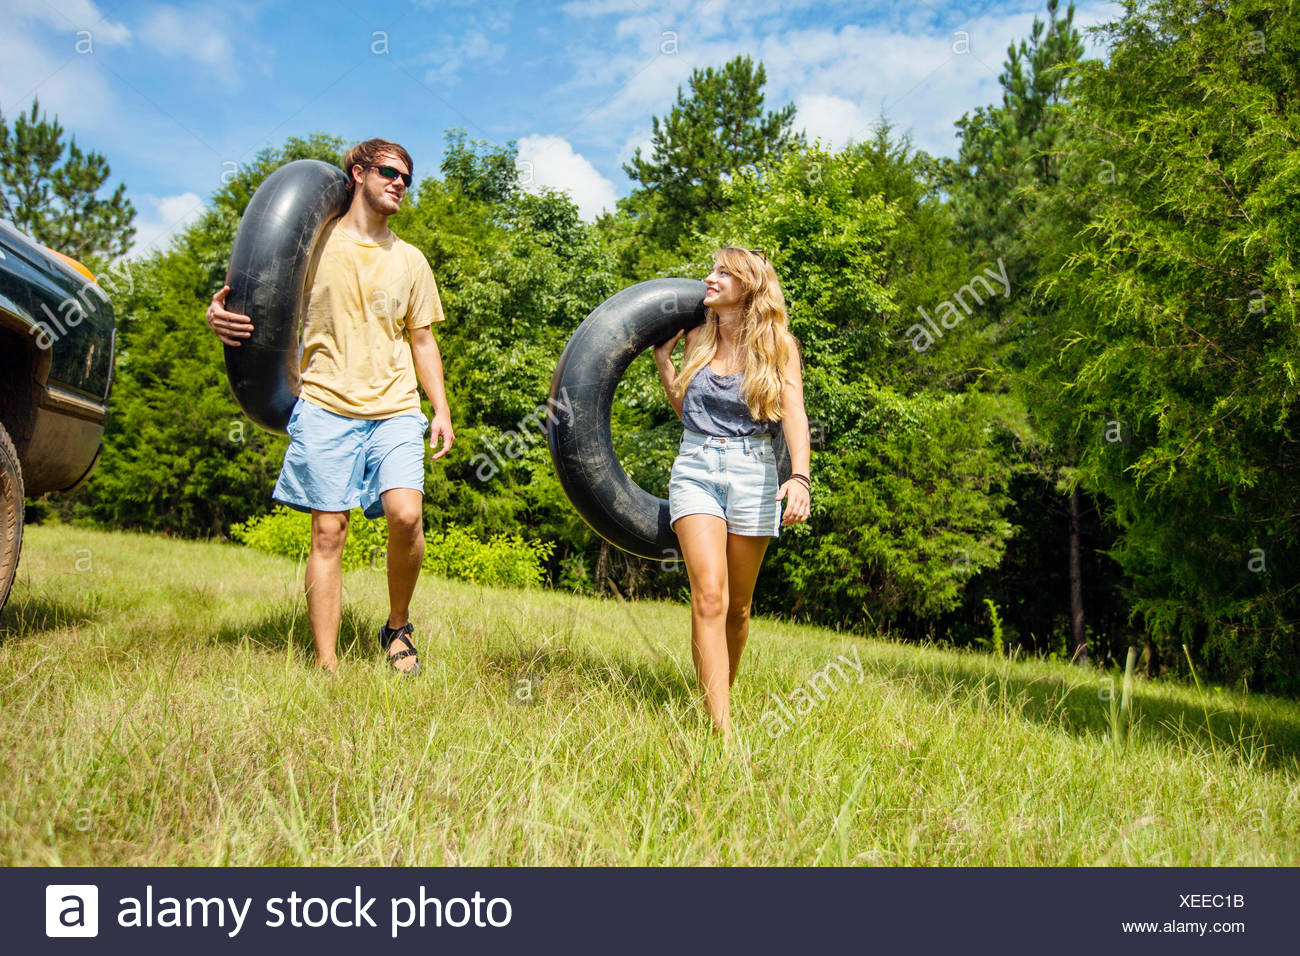 Un jeune couple s'apprête à le tuyau le long d'une rivière. Photo Stock